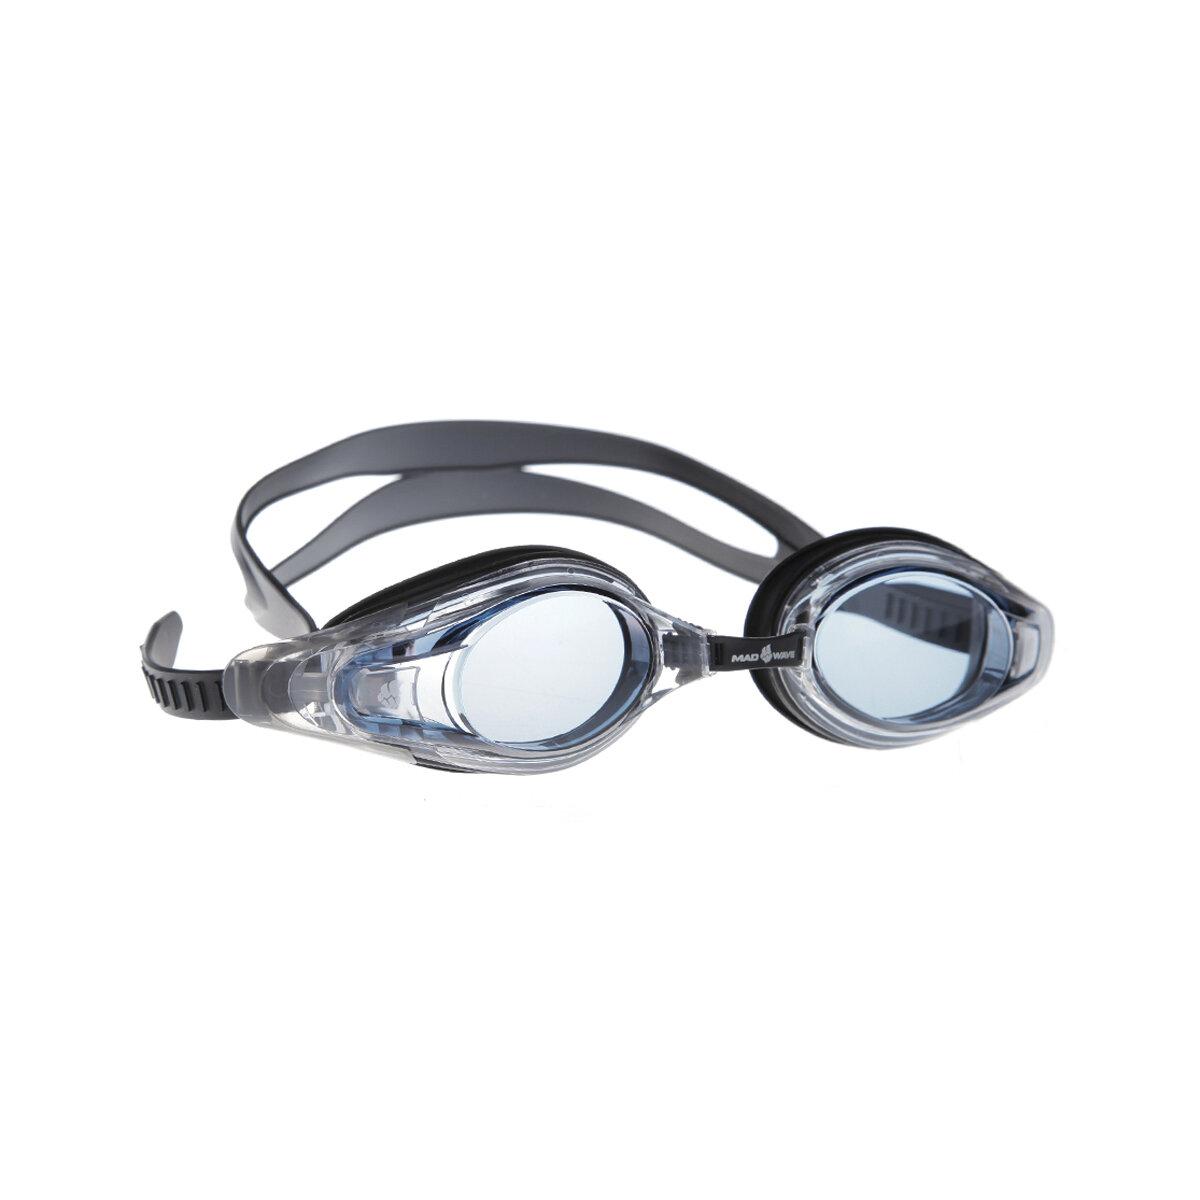 Очки для плавания с диоптриями Mad Wave Optic Envy Automatic